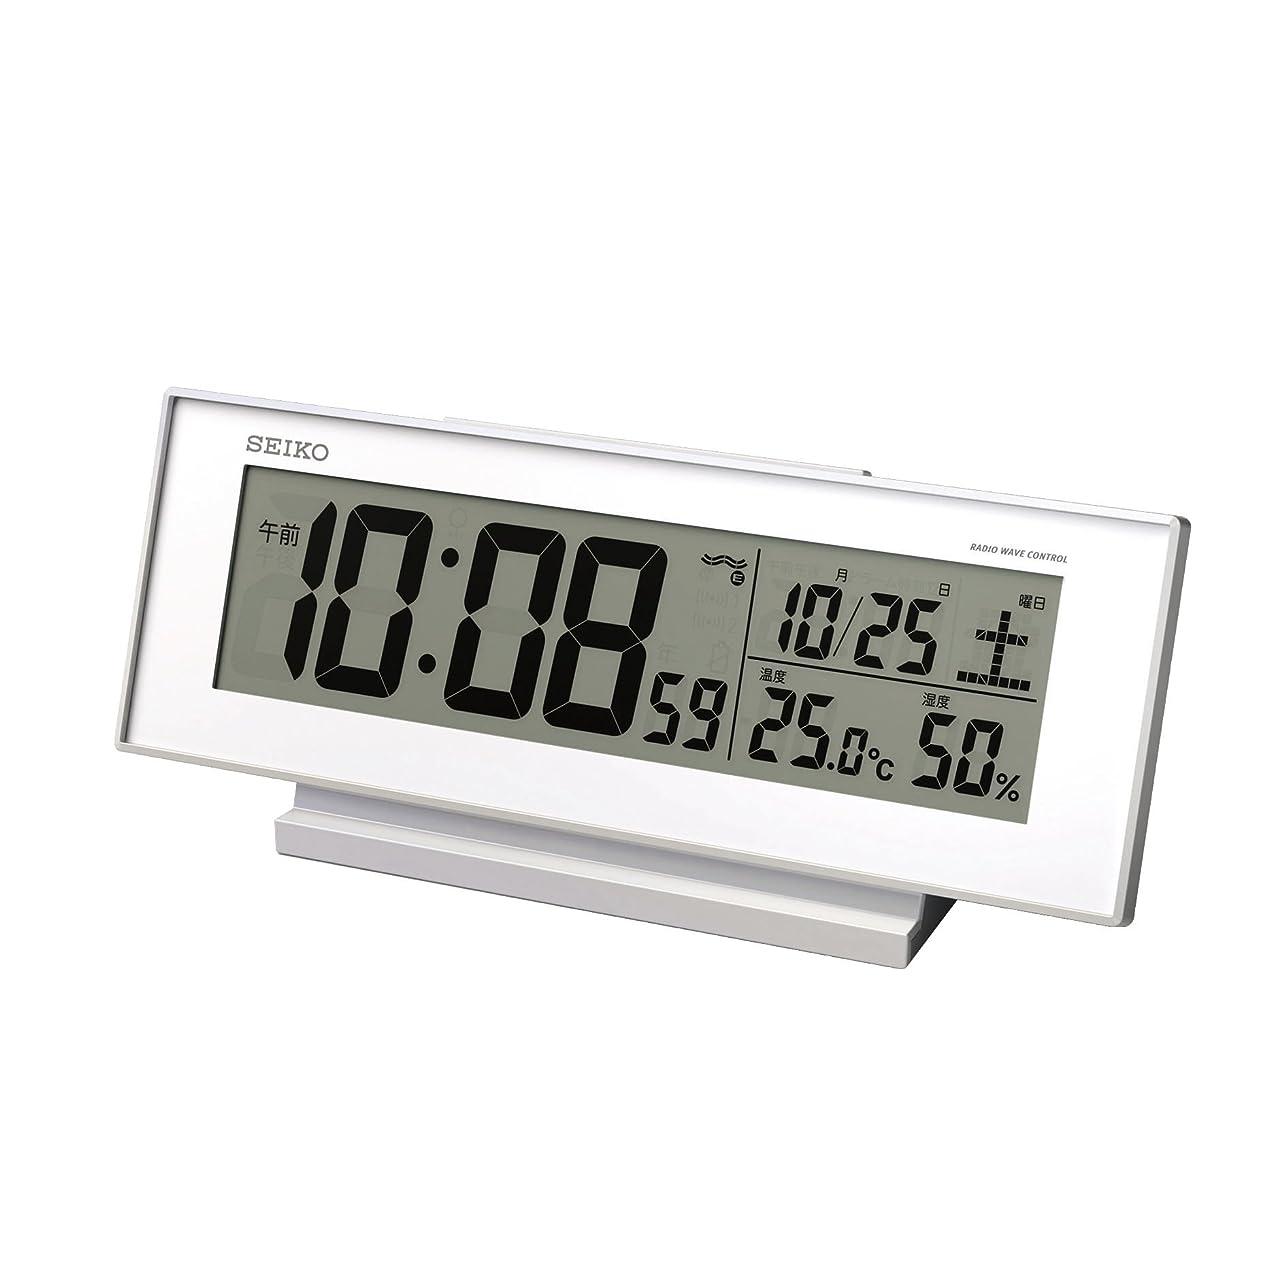 グラフィック終わり馬鹿セイコー クロック 目覚まし時計 常時点灯 電波 デジタル カレンダー 温度 湿度 表示 夜でも見える 白 SQ762W SEIKO